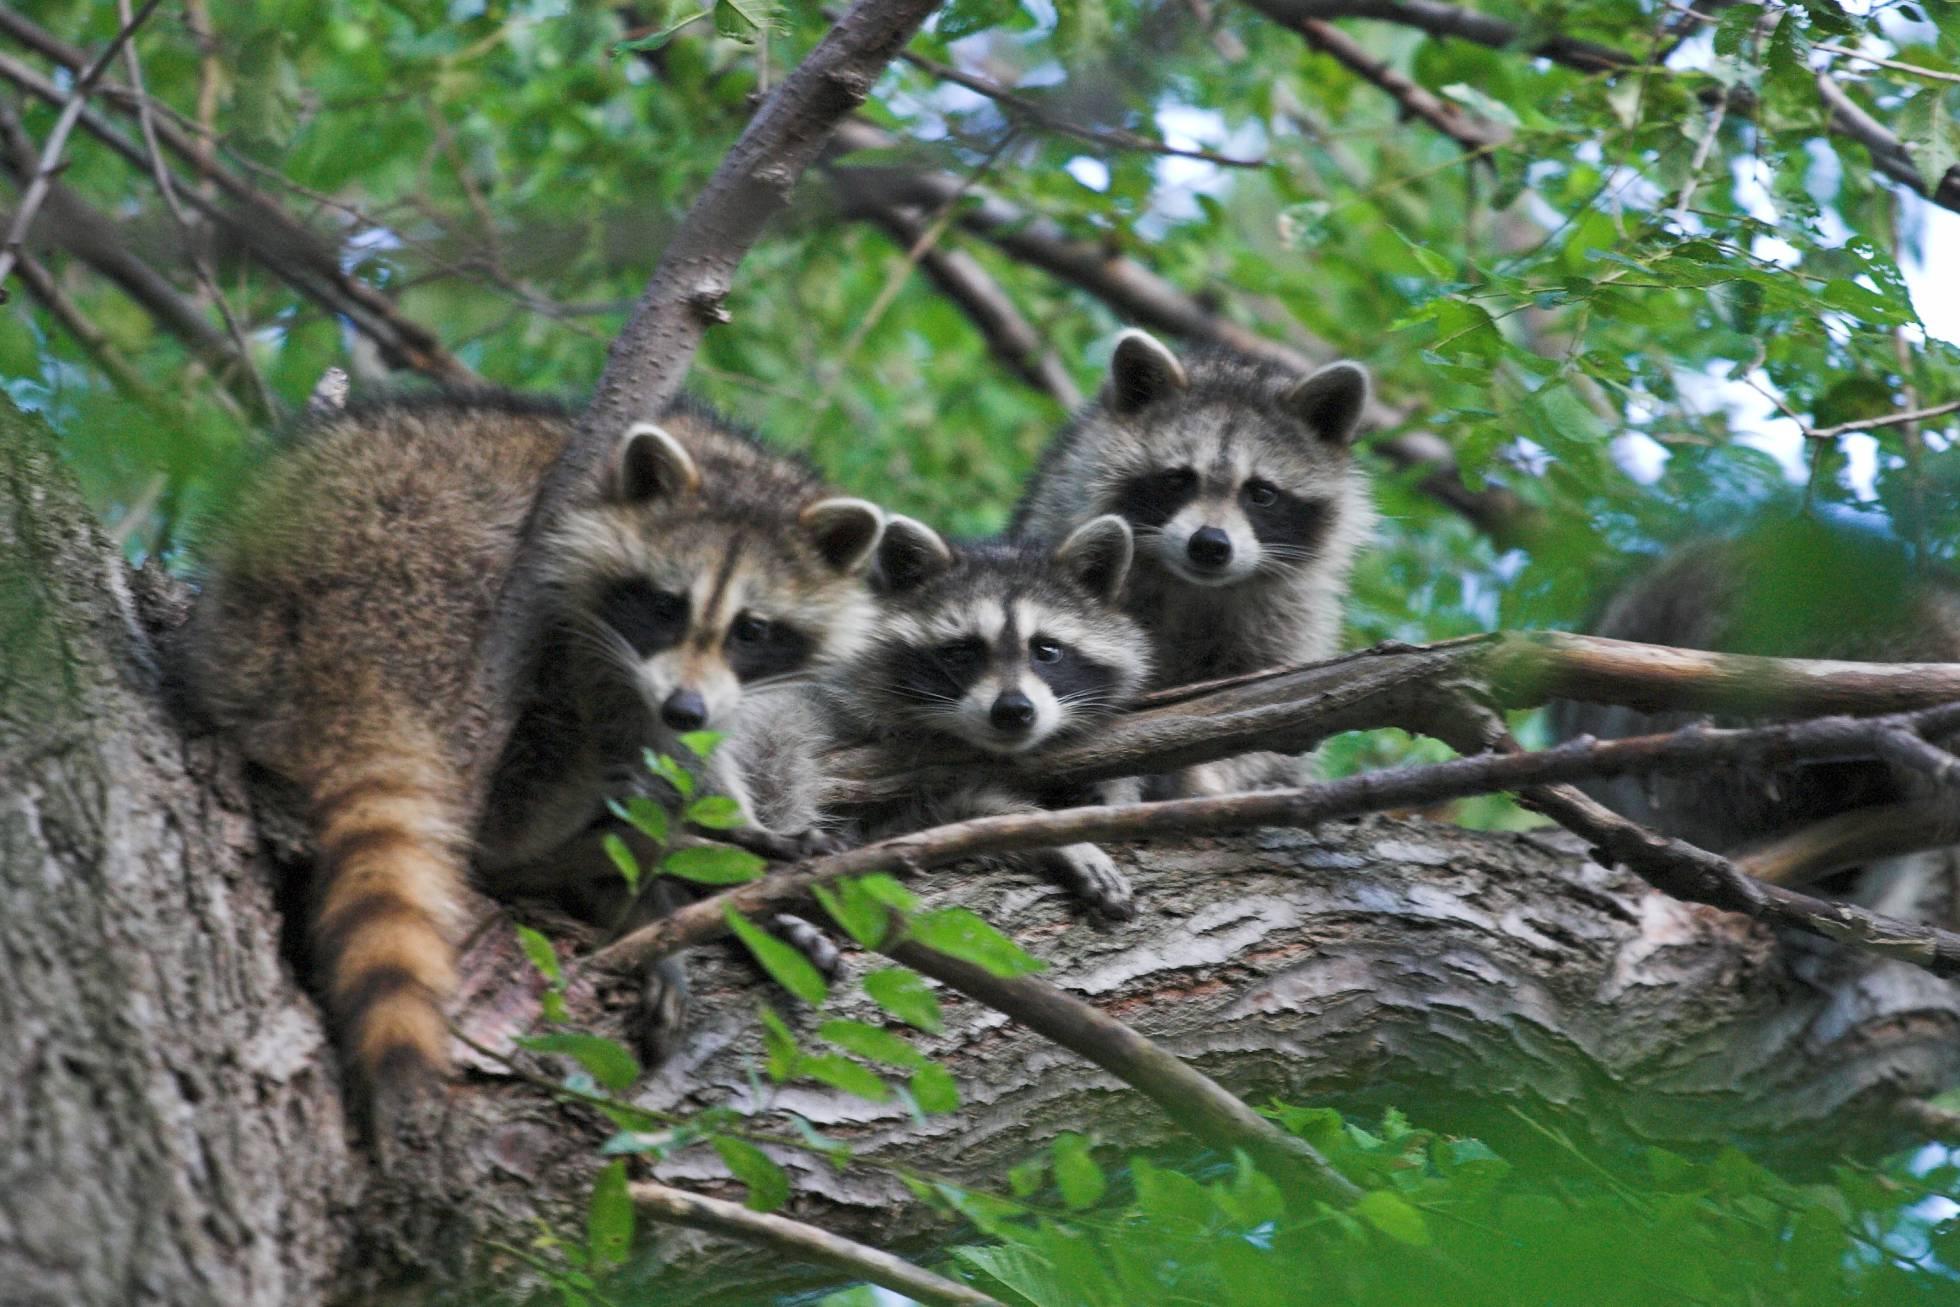 O guaxinim está entre os mamíferos que portam mais zoonoses. GARYJWOOD/WIKIMEDIA COMMONS